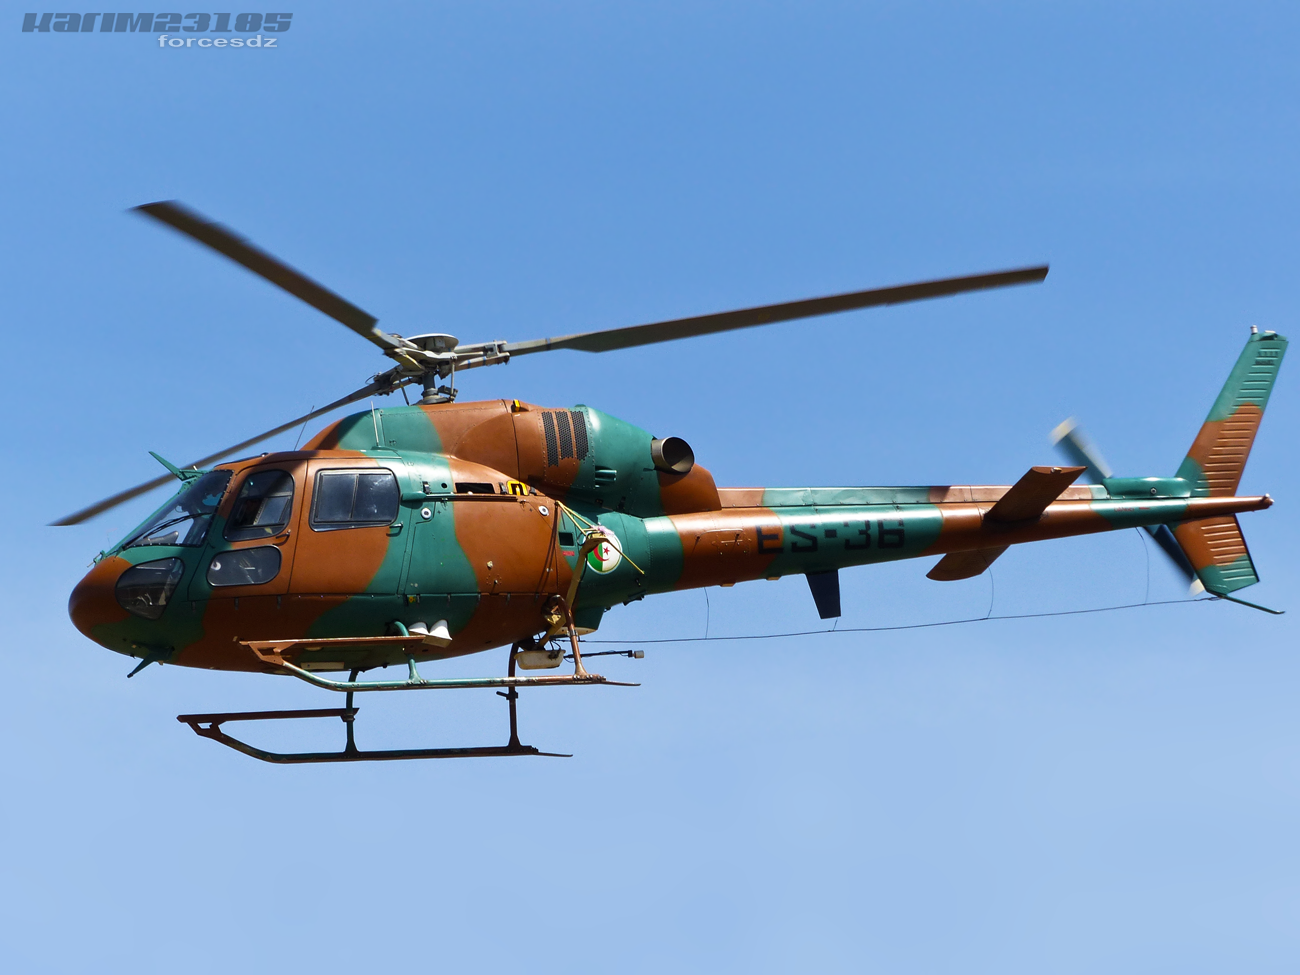 صور مروحيات القوات الجوية الجزائرية Ecureuil/Fennec ] AS-355N2 / AS-555N ] - صفحة 3 366